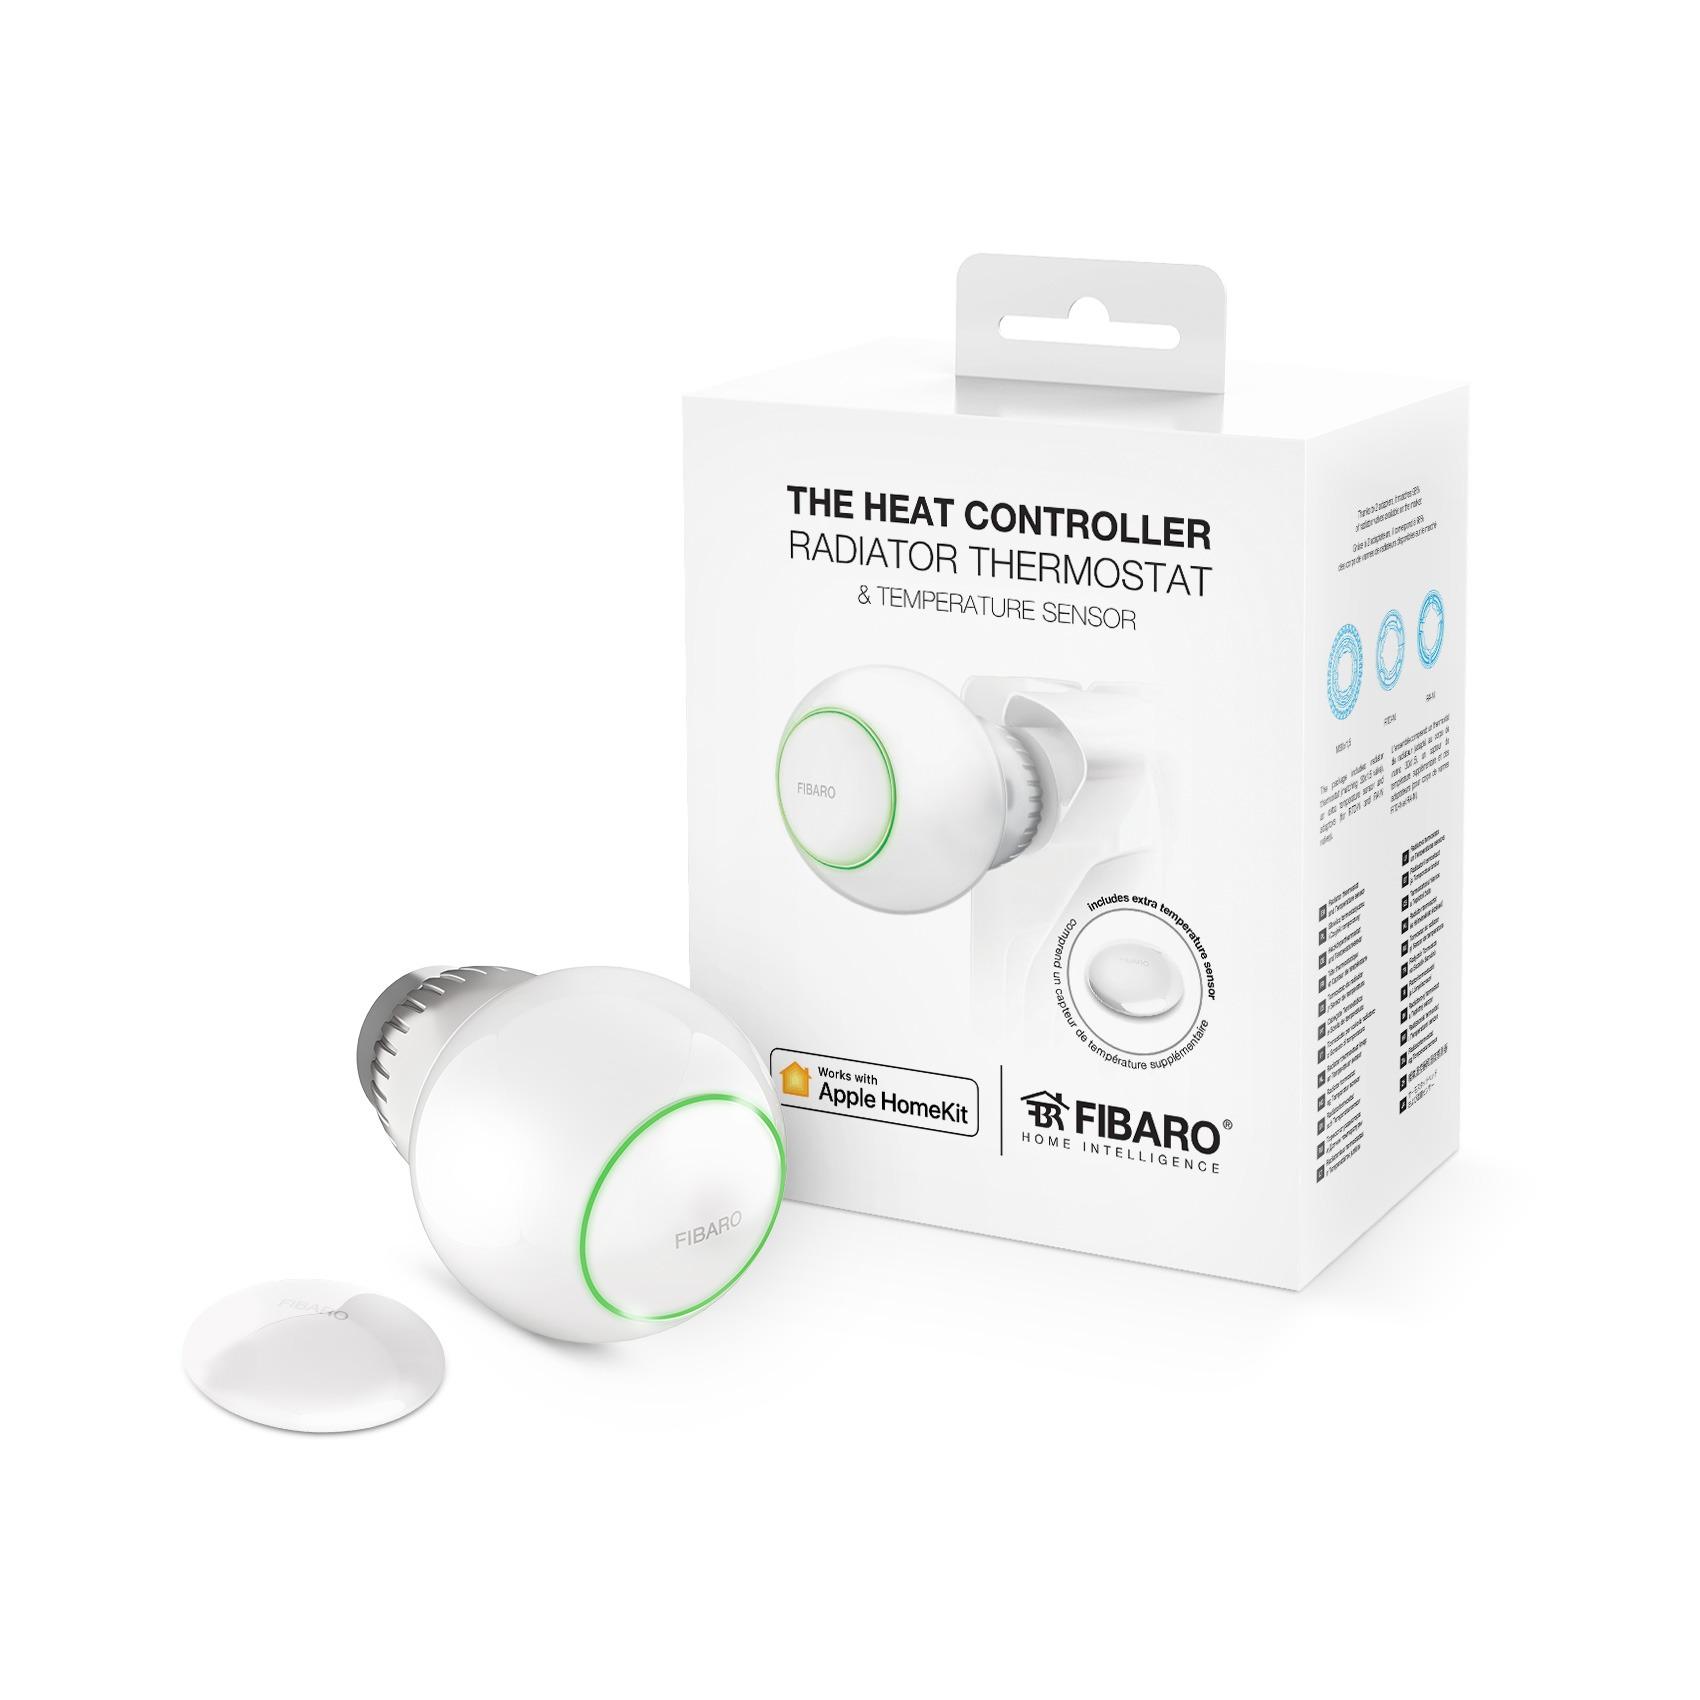 Op Perfect Plasma is alles over wonen te vinden: waaronder expert en specifiek Fibaro The Heat Controller Starter Pack (Apple HomeKit) Smart home accessoire (Fibaro-The-Heat-Controller-Starter-Pack-Apple-HomeKit-Smart-home-accessoire372553524)